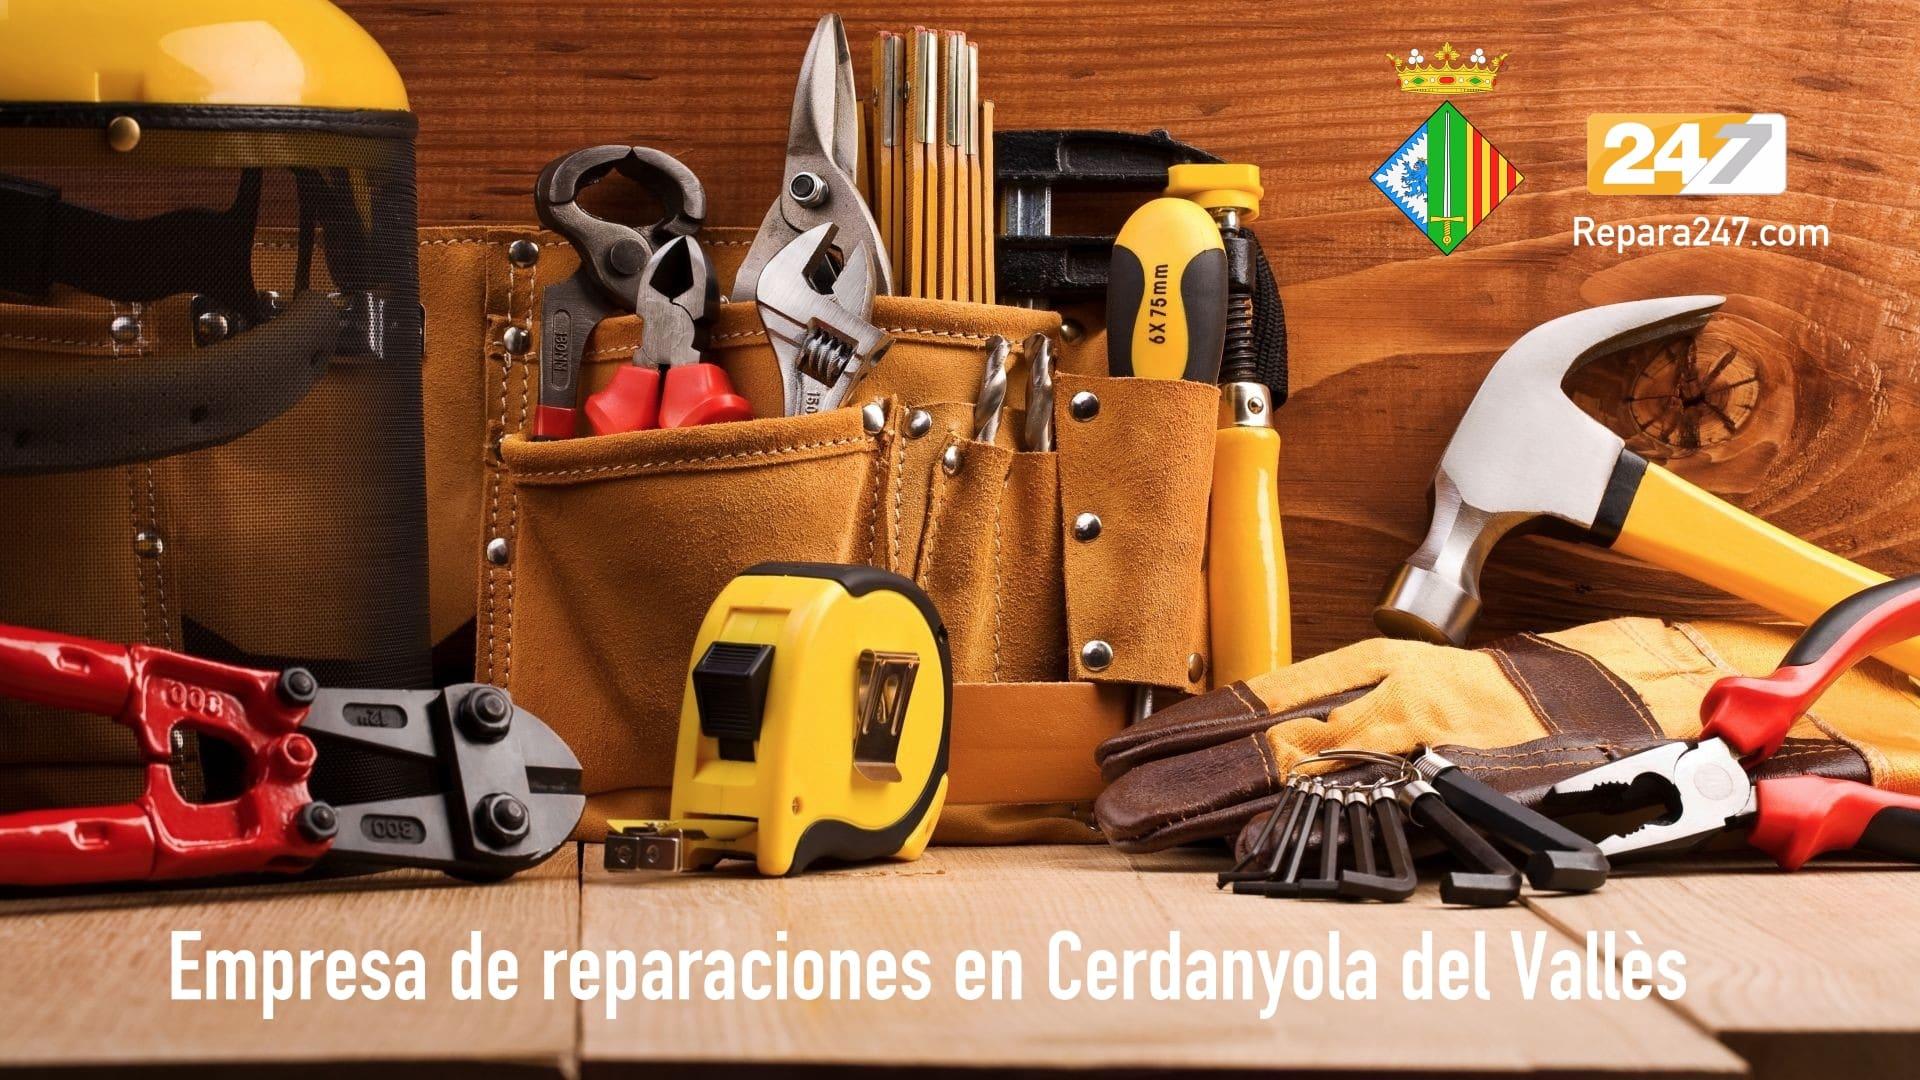 Empresa de reparaciones en Cerdanyola del Vallès